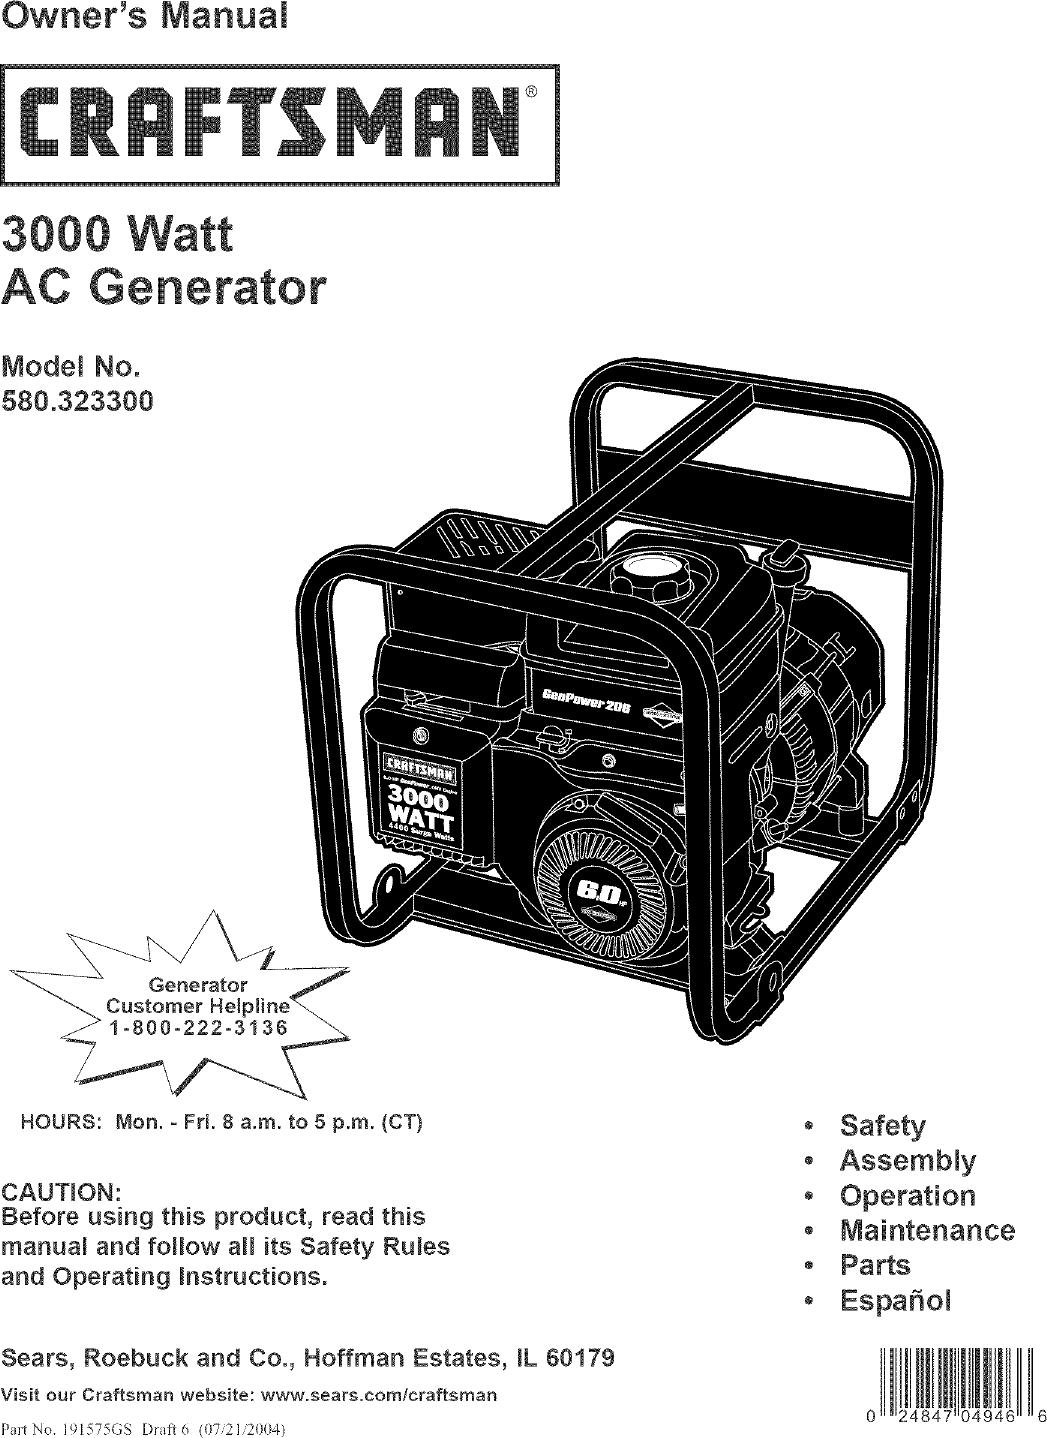 Craftsman 580323300 User Manual Generator Manuals And